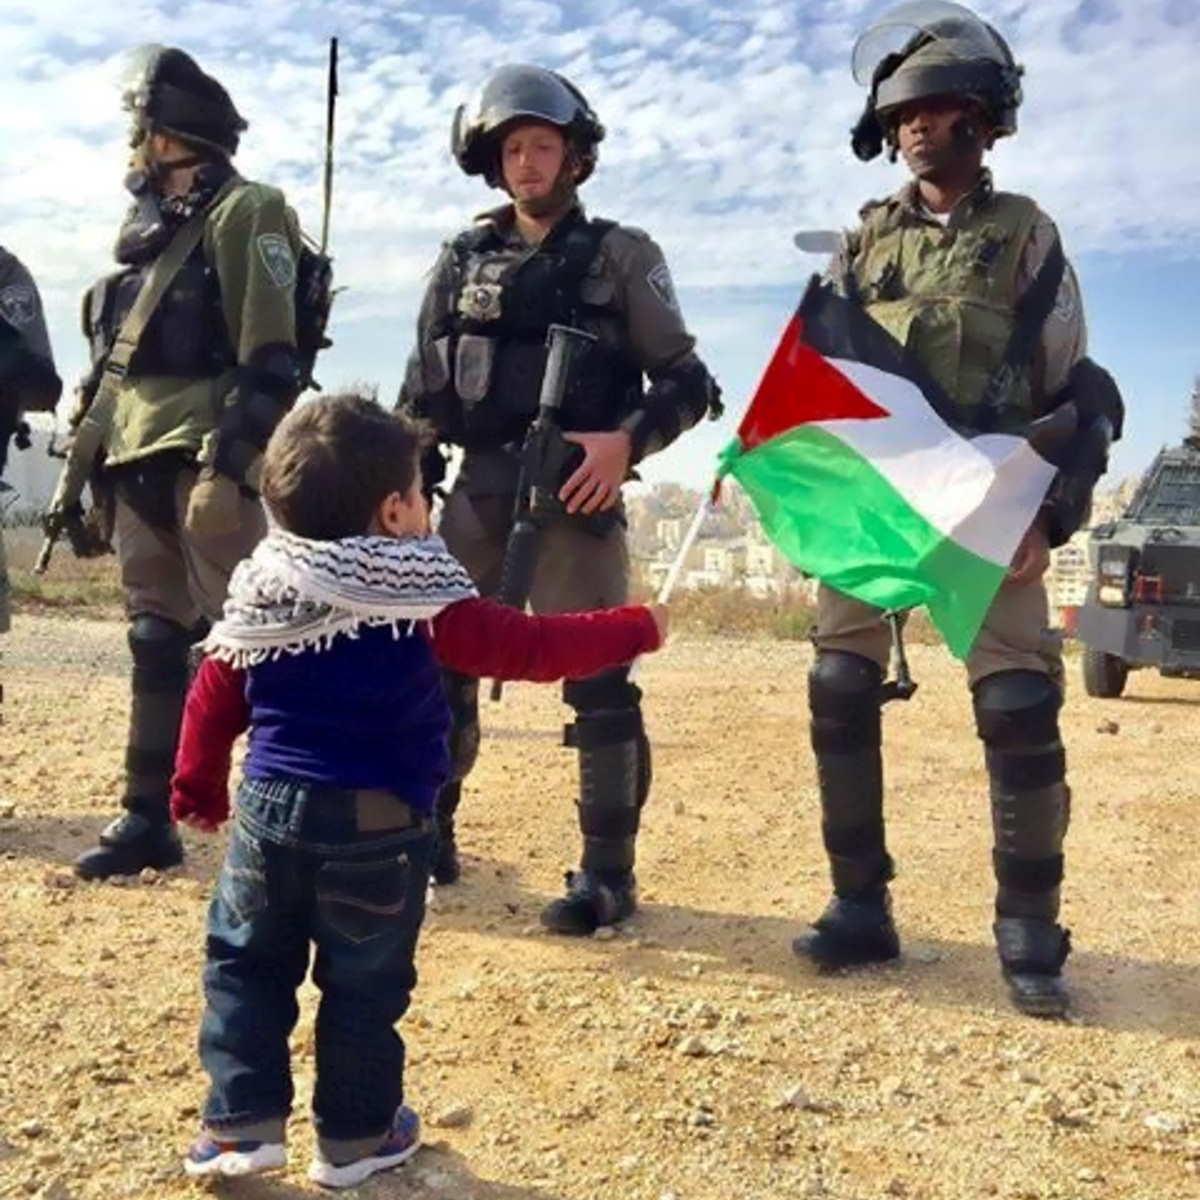 Disinformazione e ipocrisia alimentano l'apartheid messo in atto da Israele contro il popolo palestinese